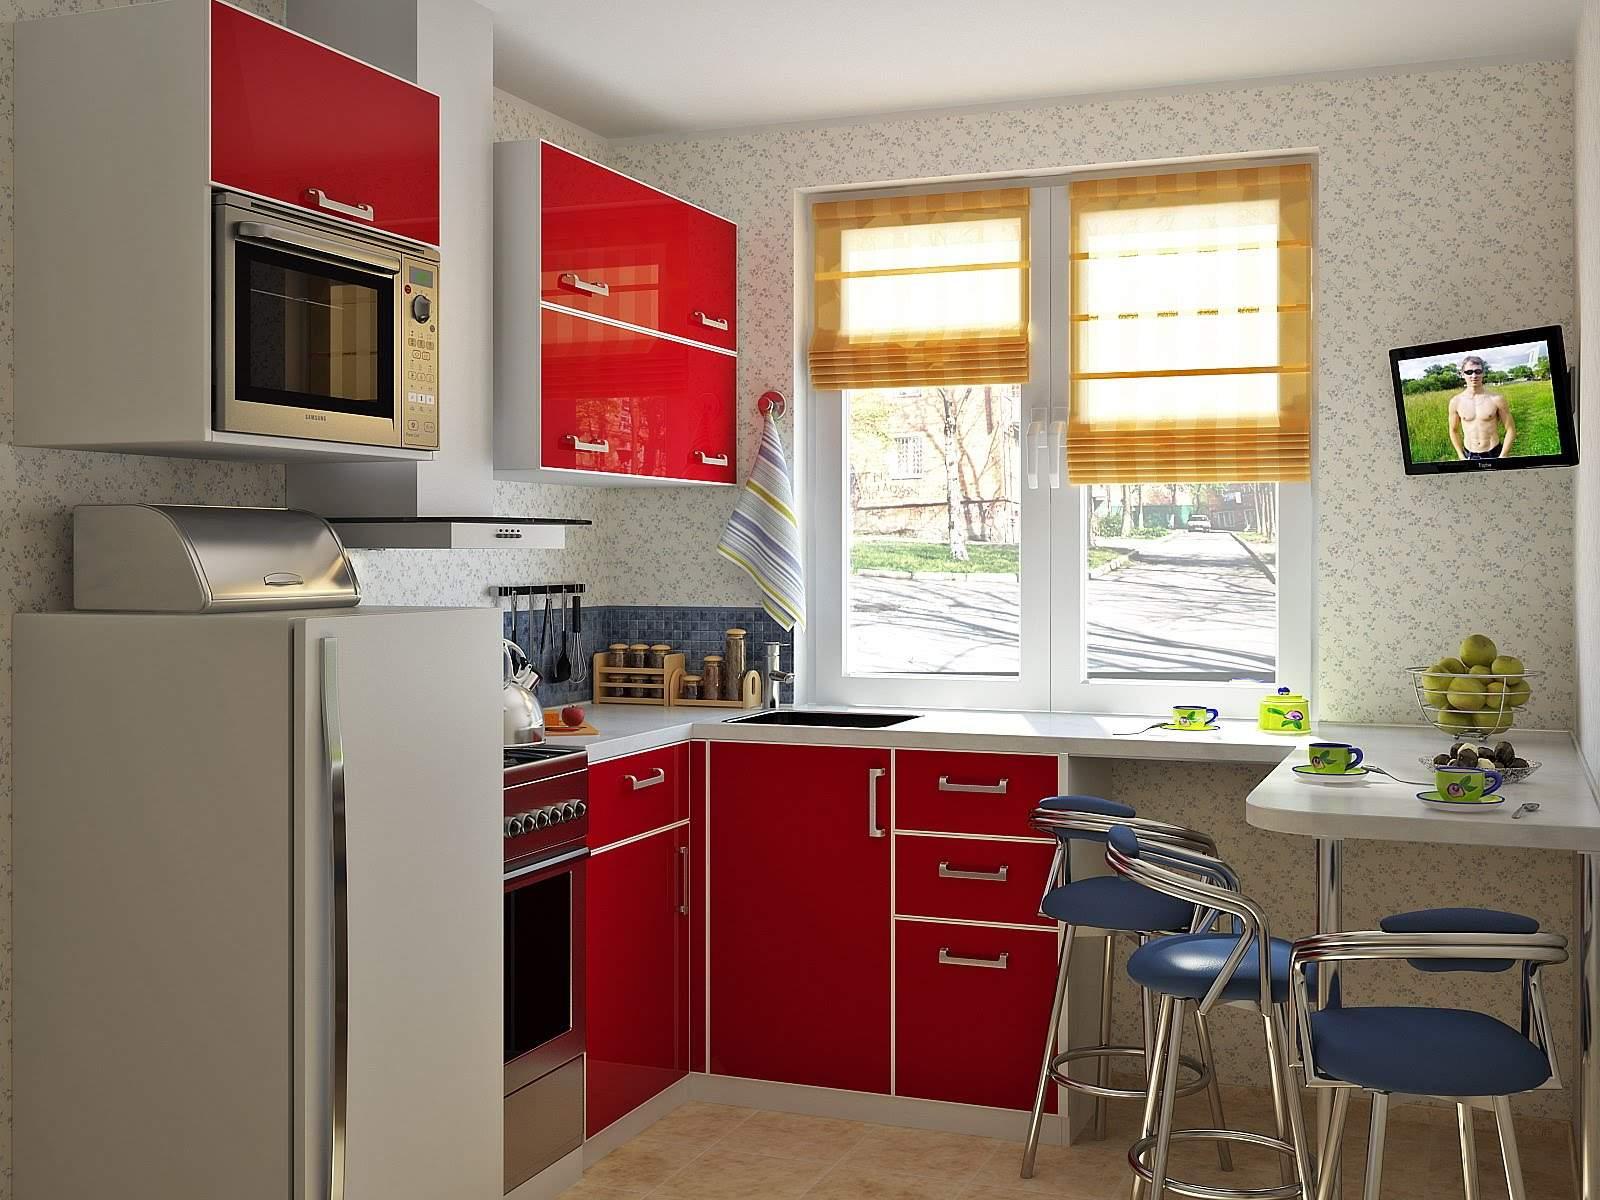 Нестандартная расстановка мебели в маленькой кухне